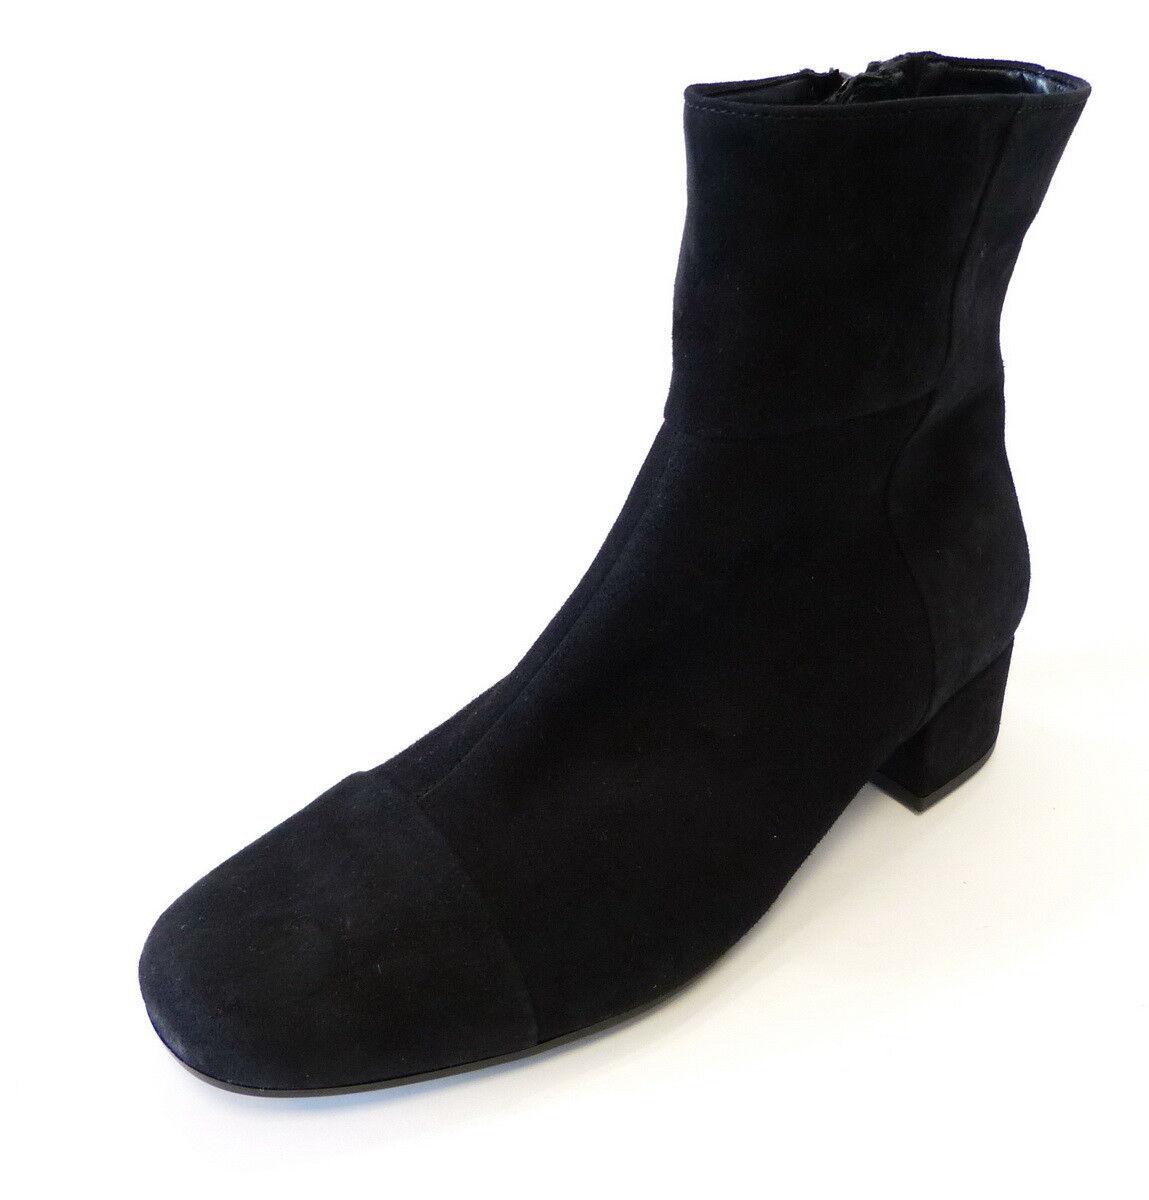 Gabor Stiefelette 851 17 schwarz Samtchevreau Leder Reißverschluß